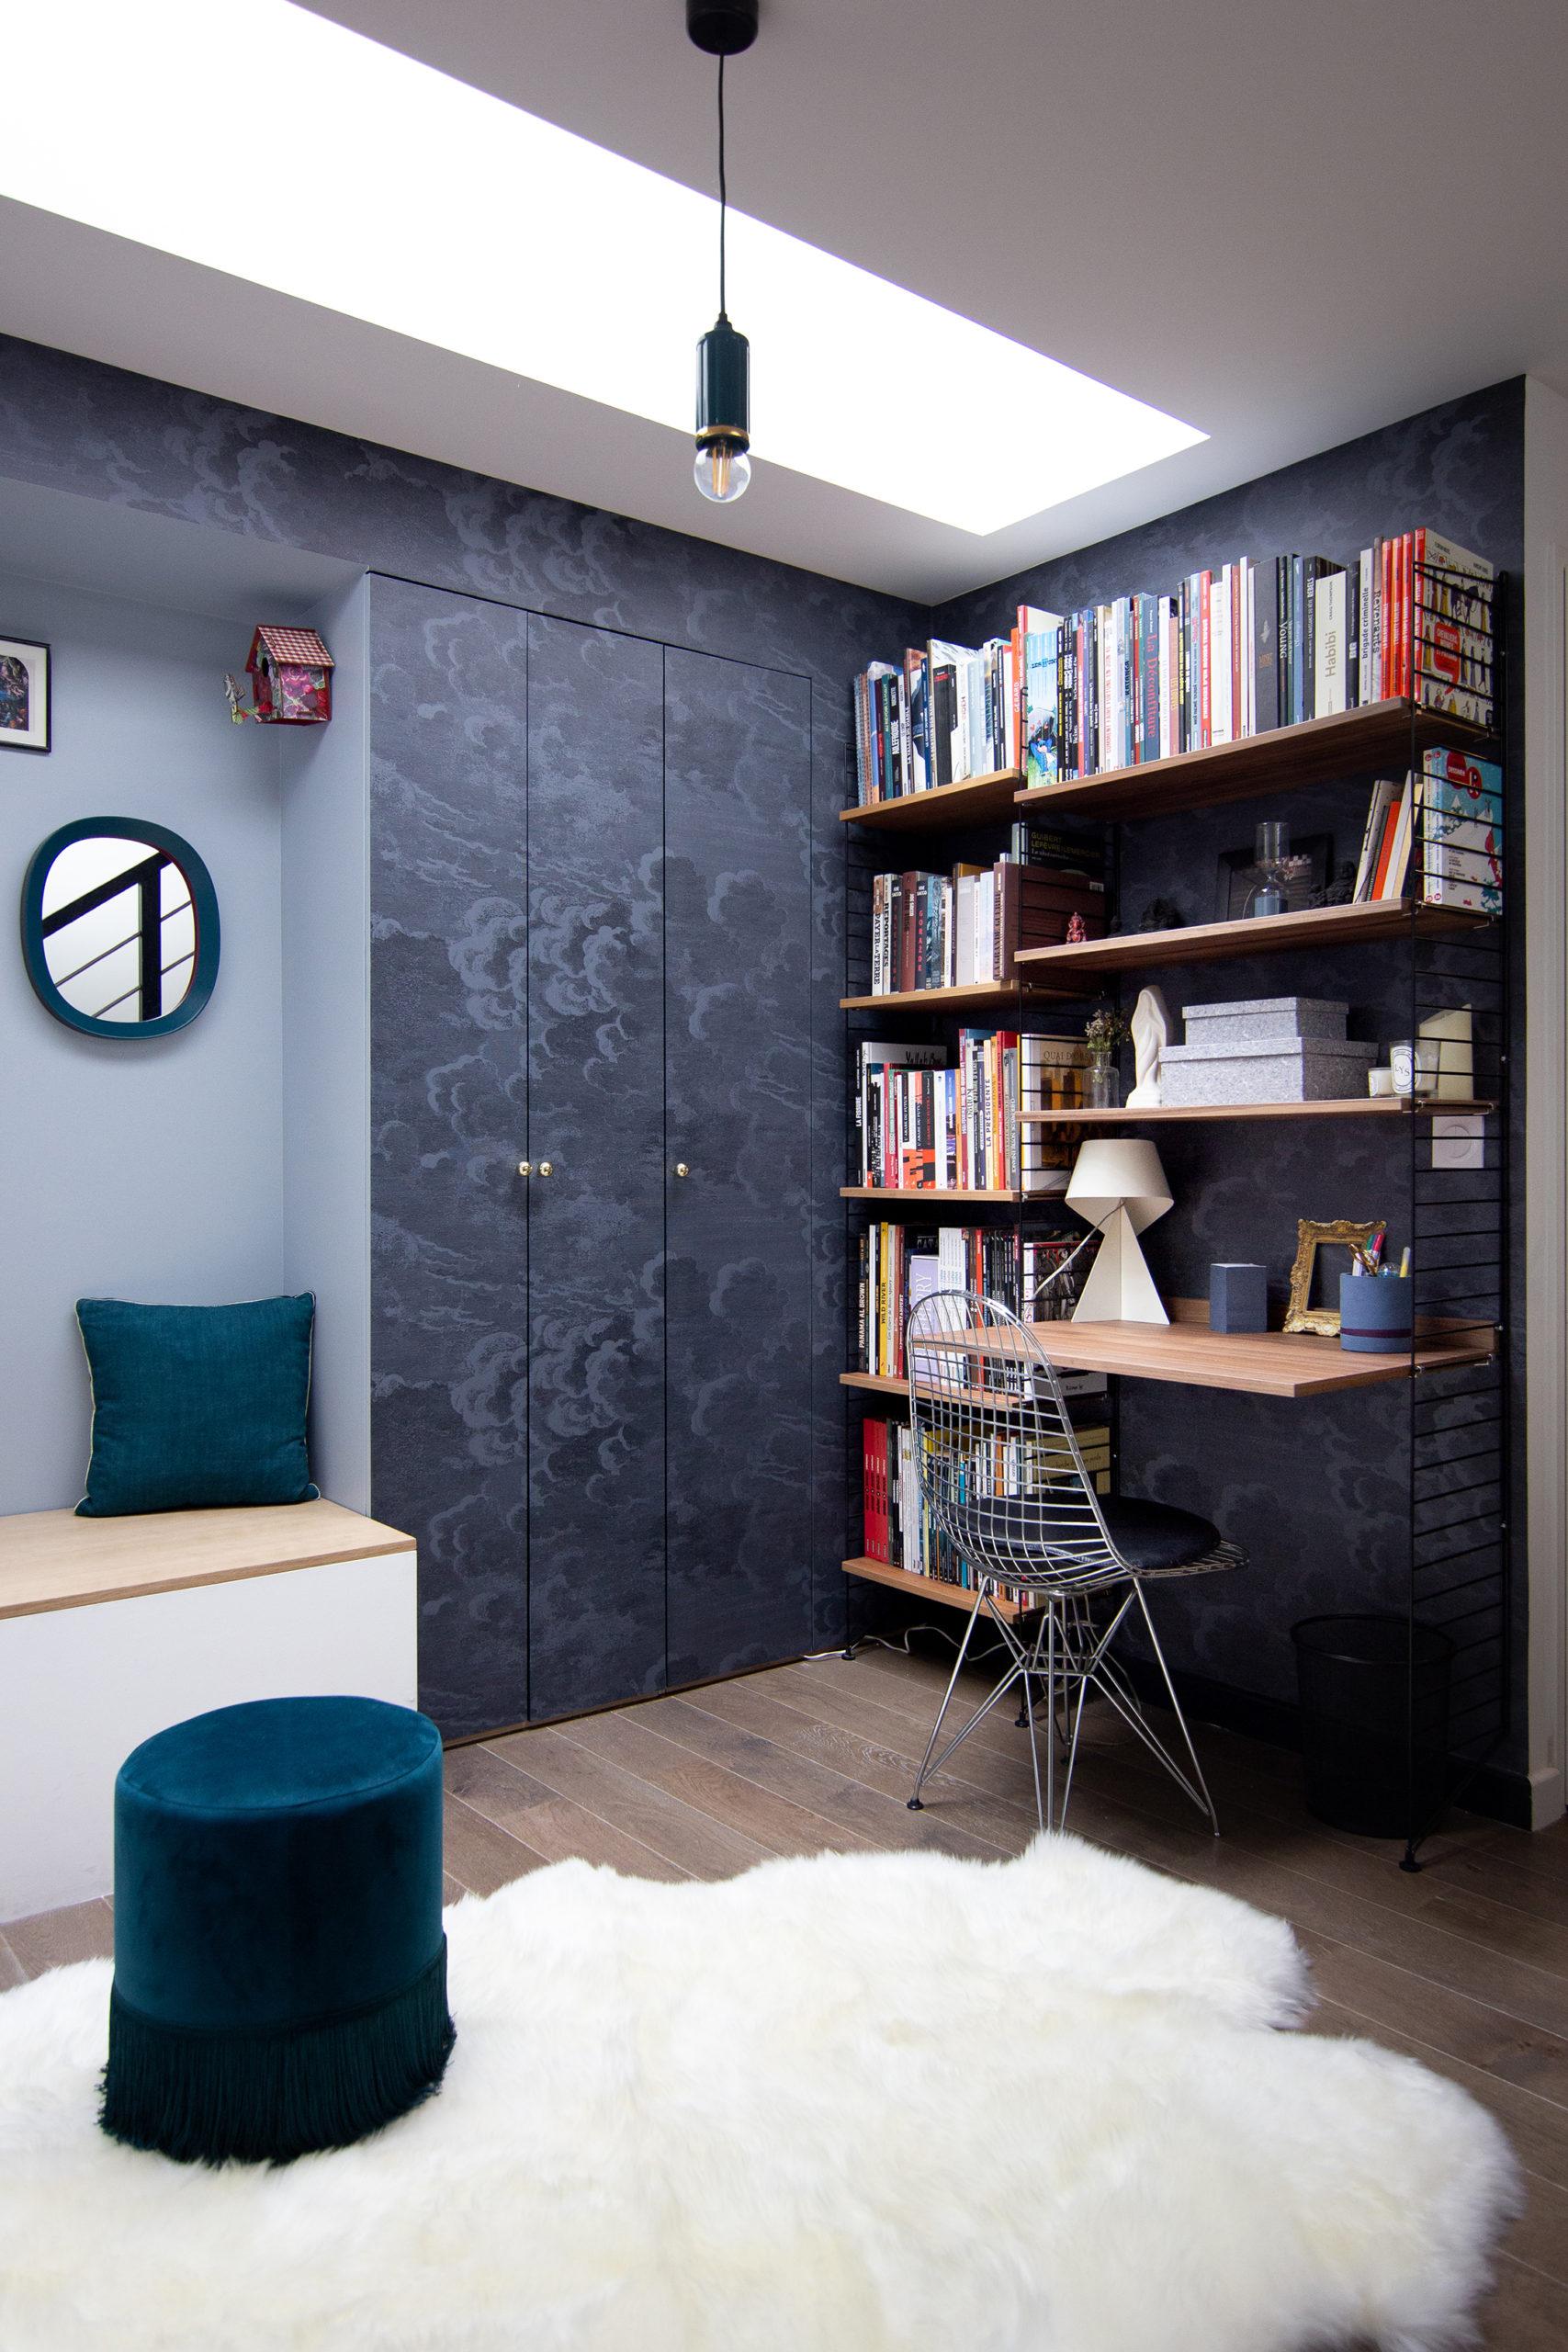 Banquette entrée en couleur et papier-peint - Architecte d'intérieur Studio Mariekke - Paris